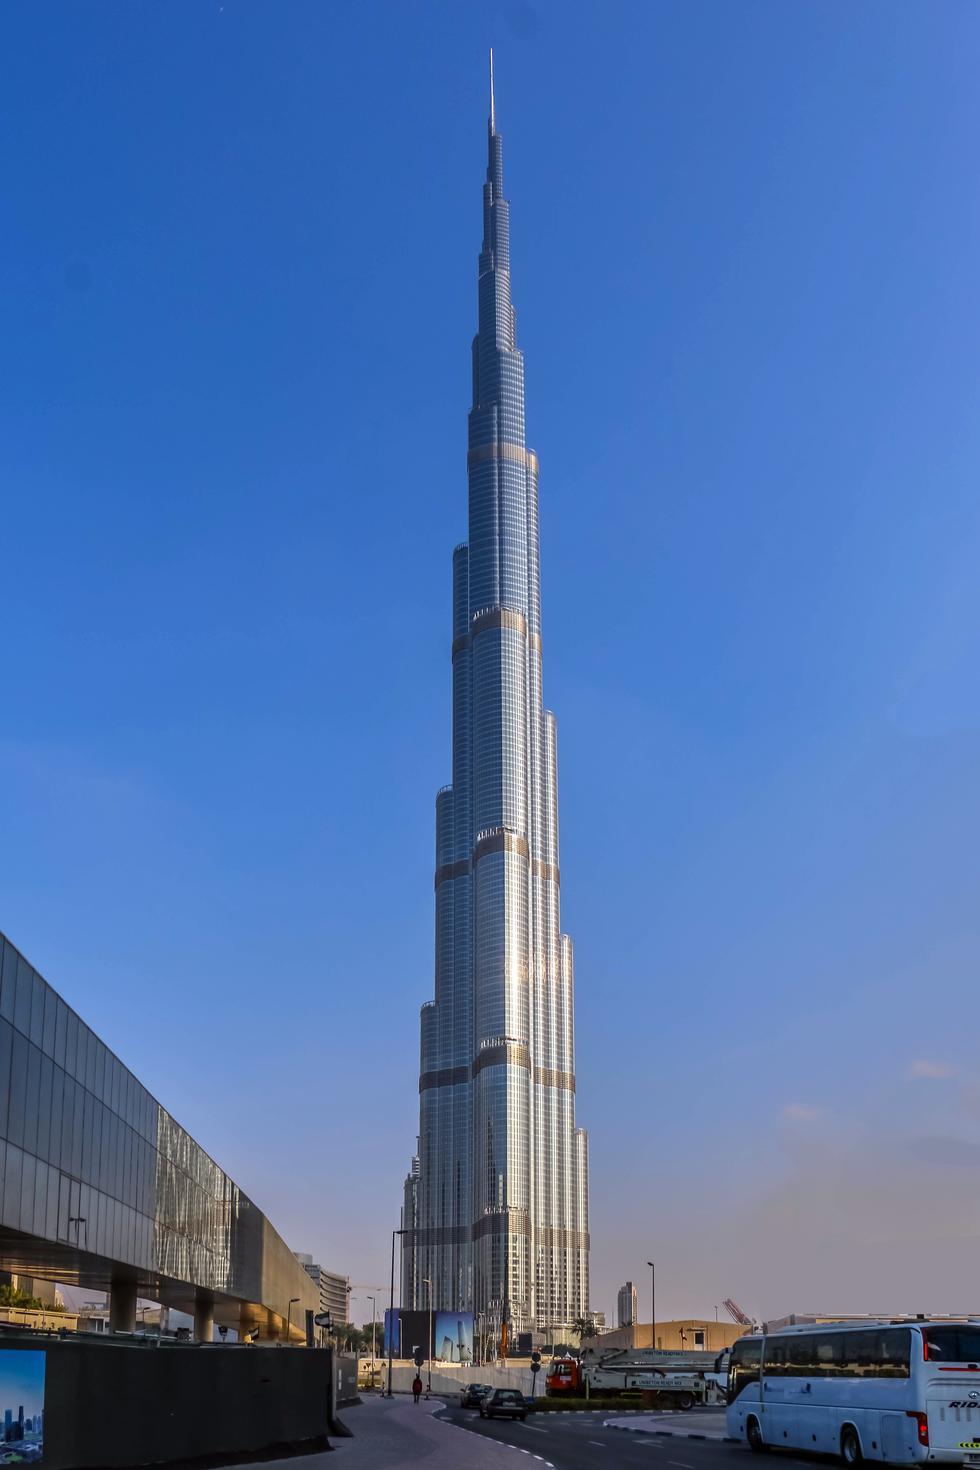 Najwyższy budynek świata – Burj Khalifa